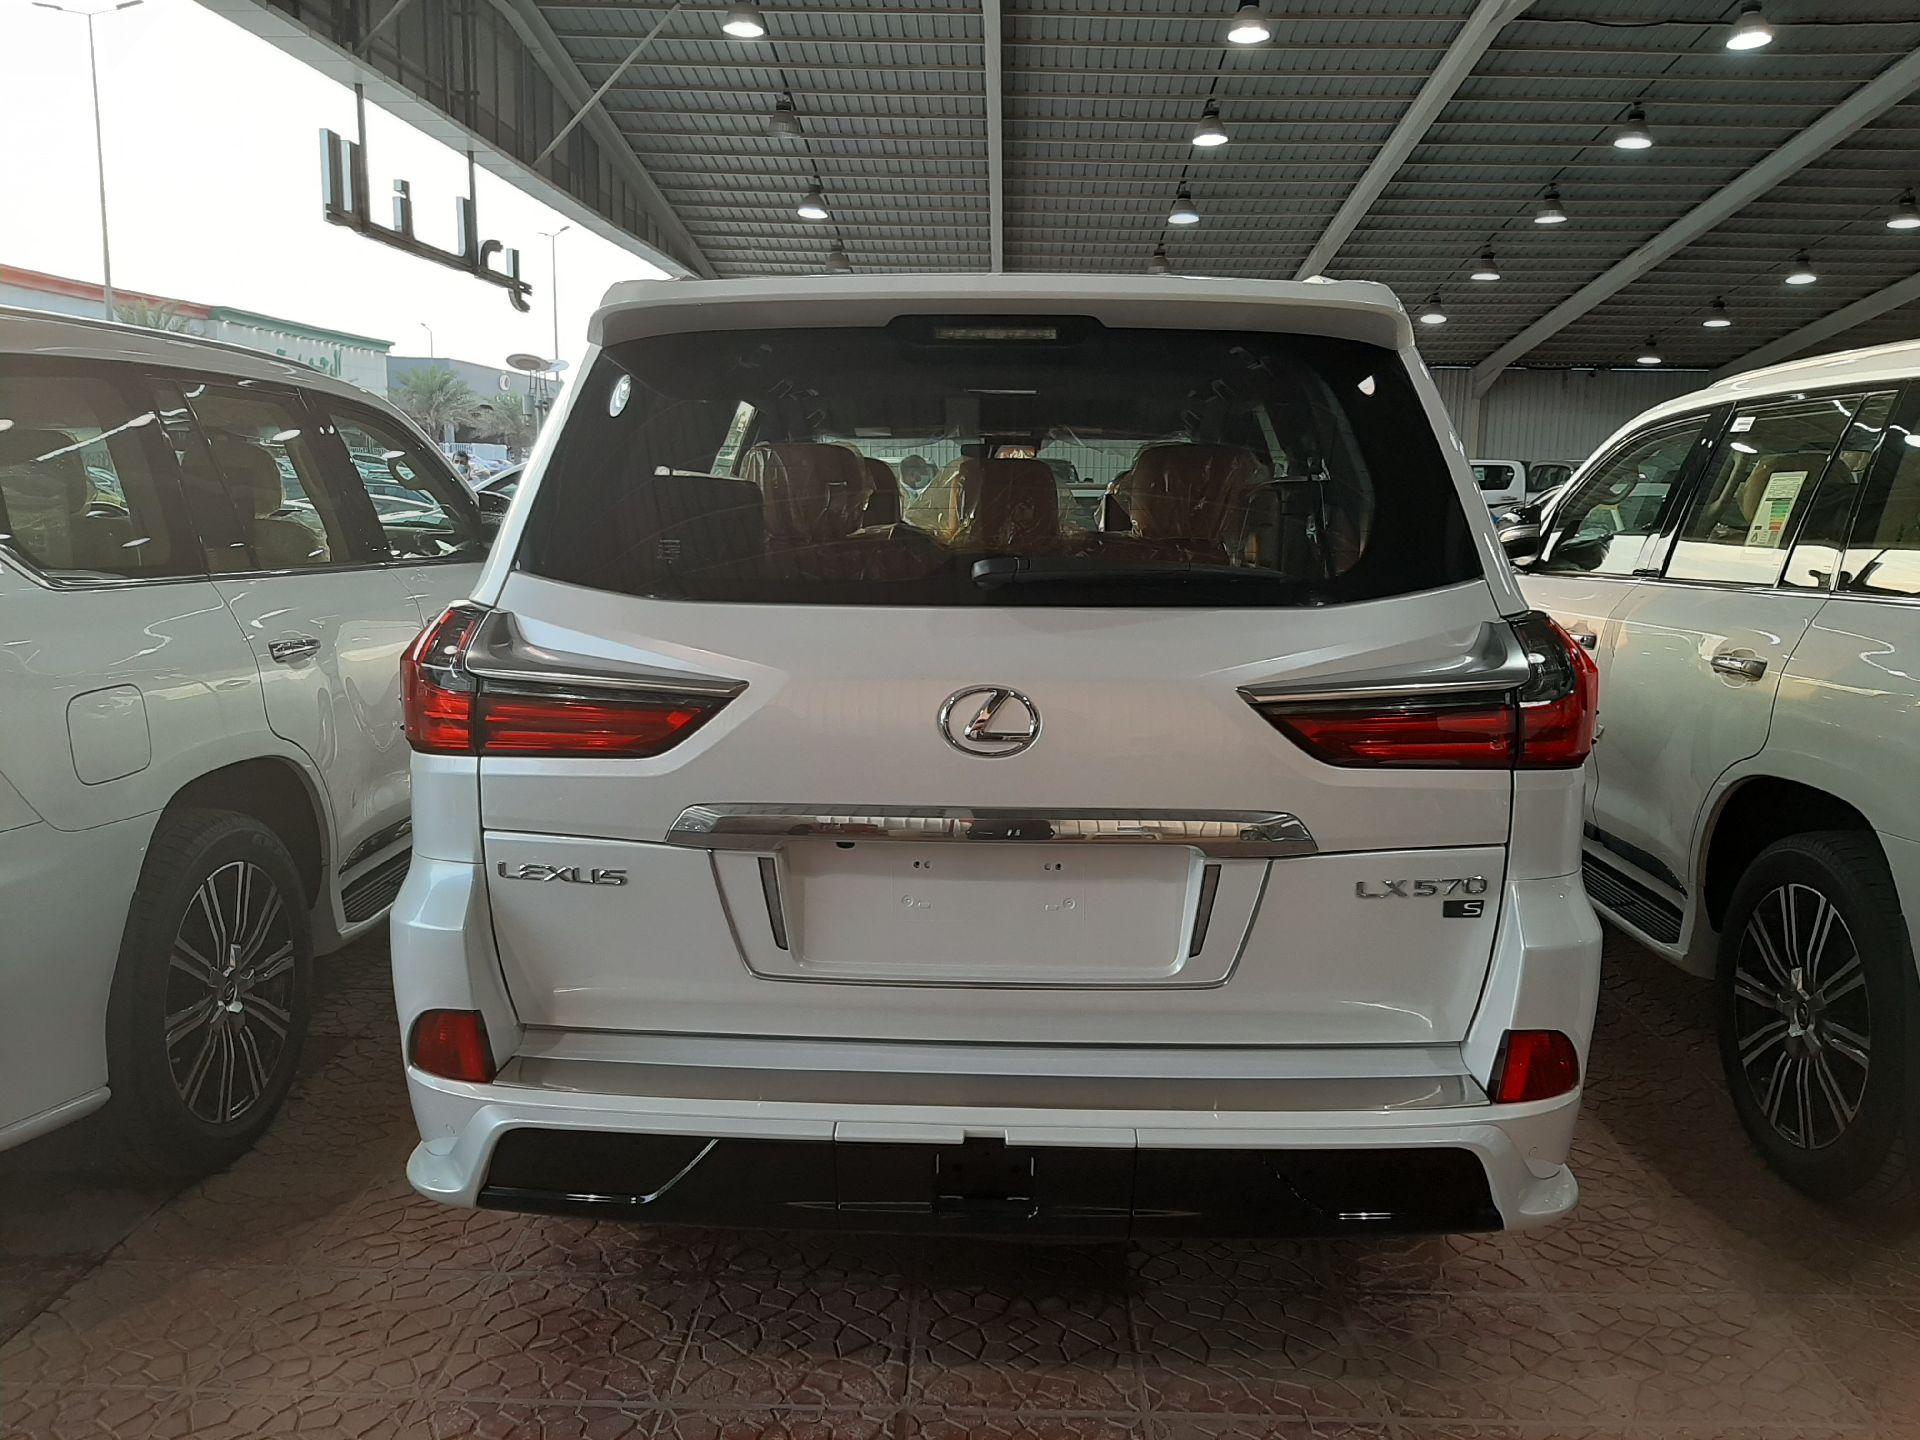 مباع - لكزس LX570  دايموند 2020 خليجي فل جديد للبيع في الرياض - السعودية - صورة كبيرة - 2